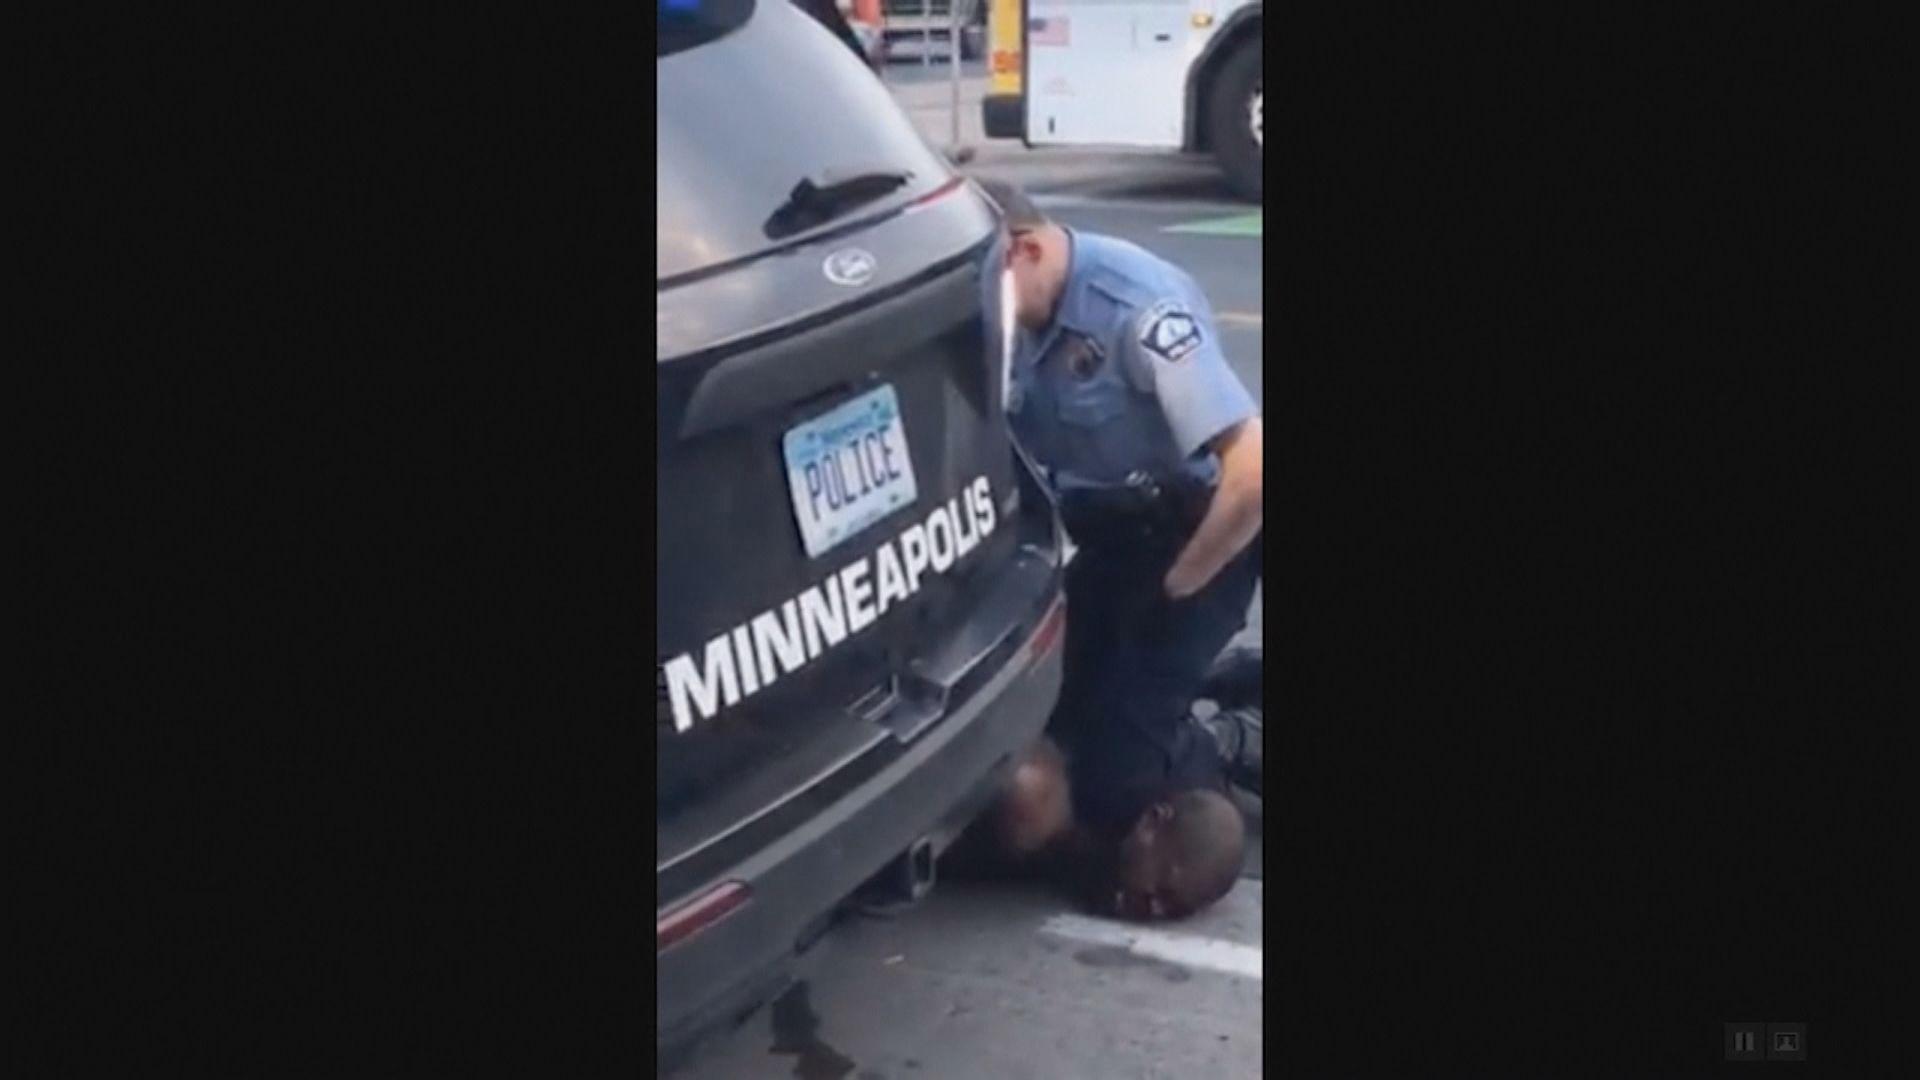 美國涉用過度武力警員遭起訴謀殺及誤殺罪